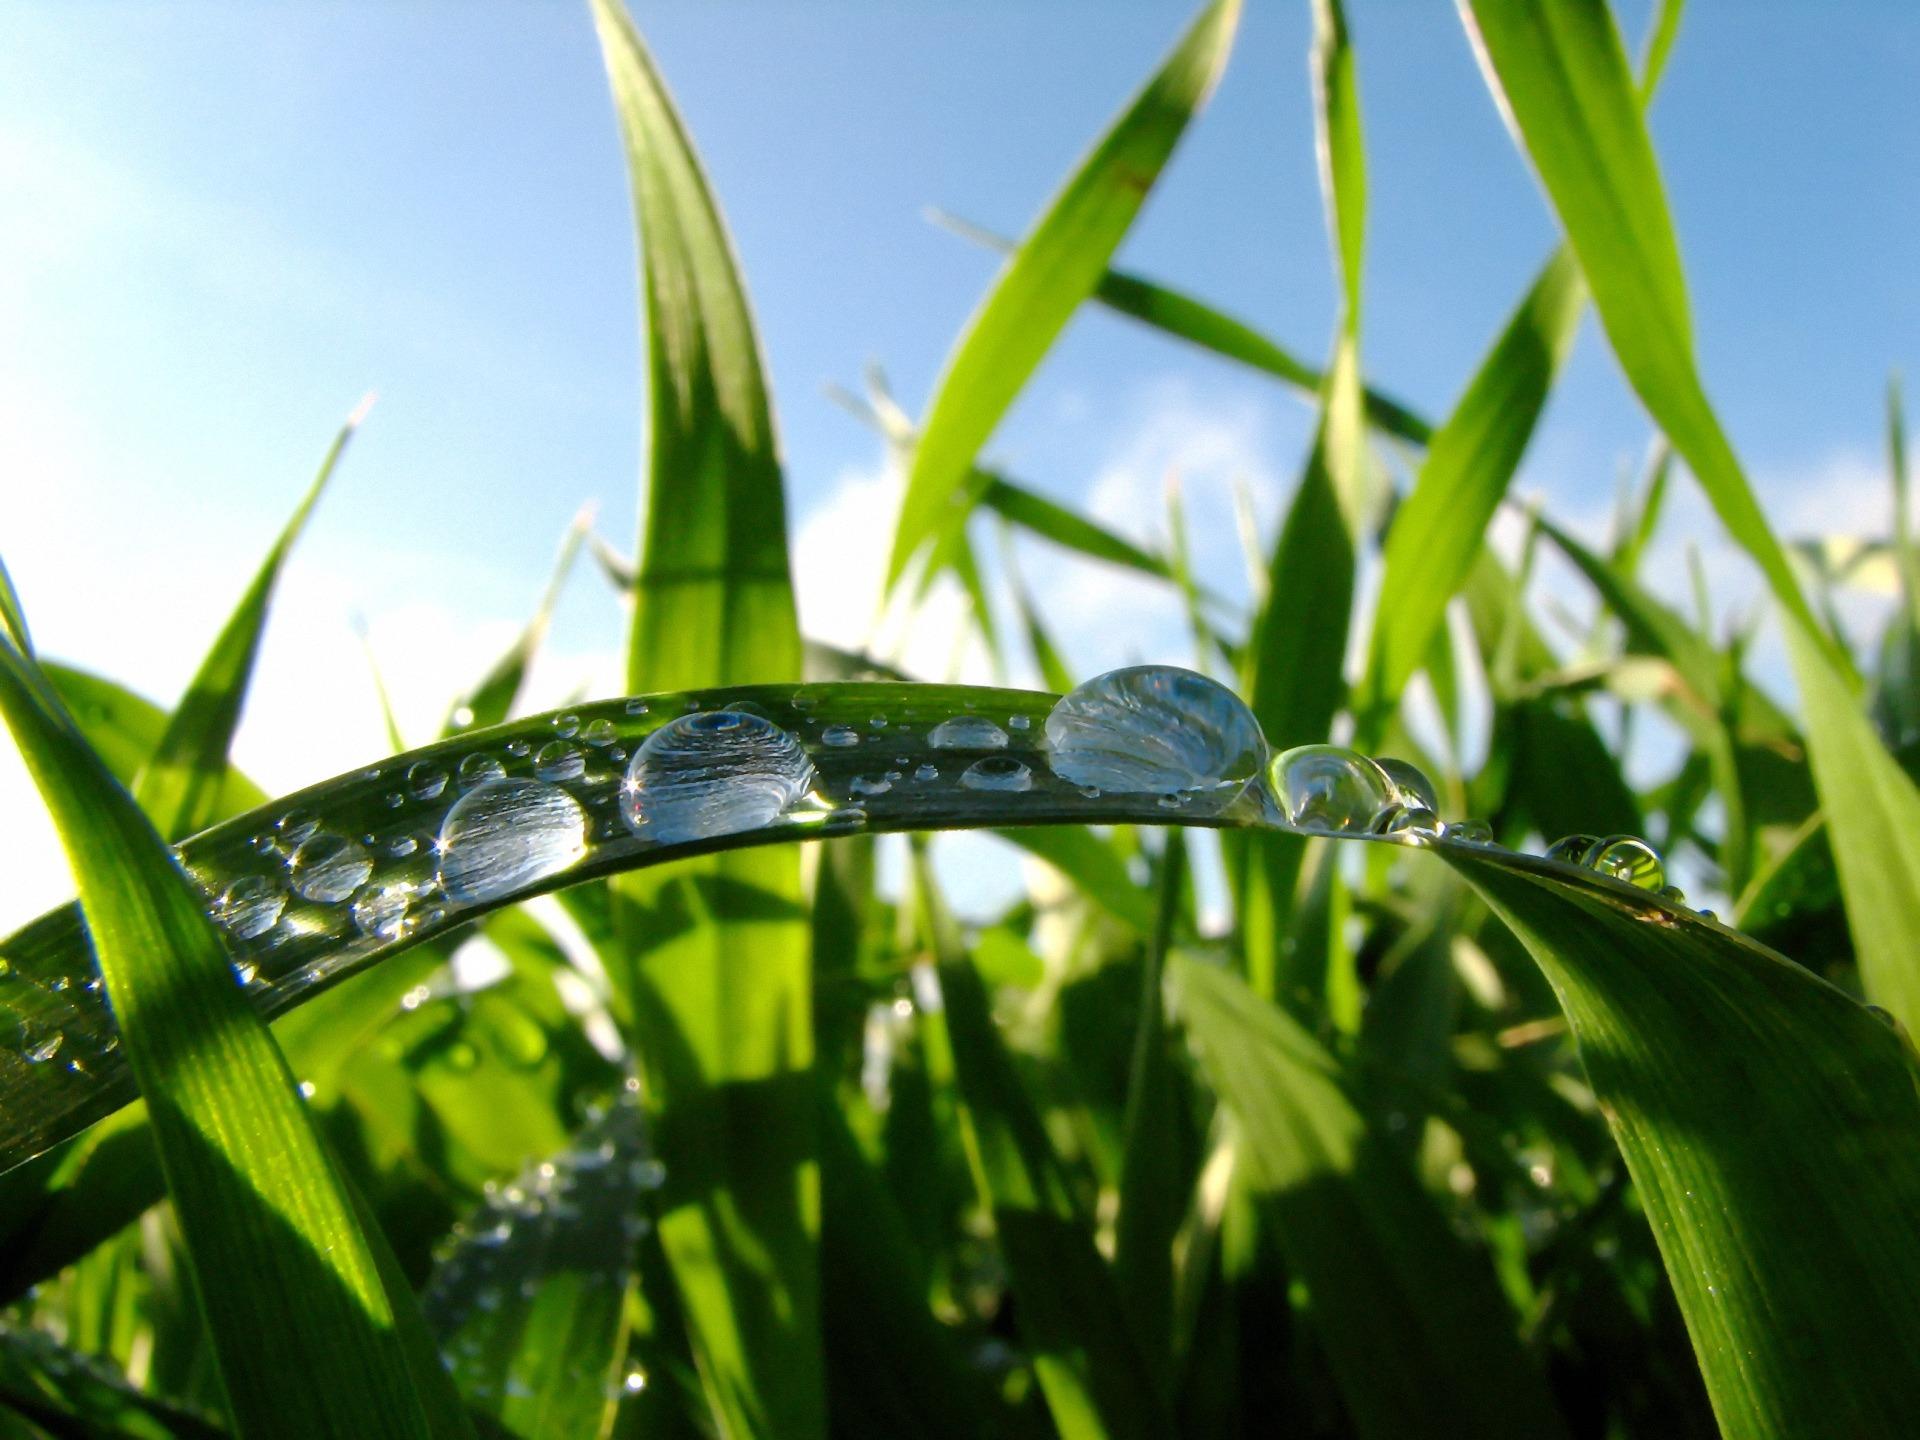 Výsledek obrázku pro grass in the morning